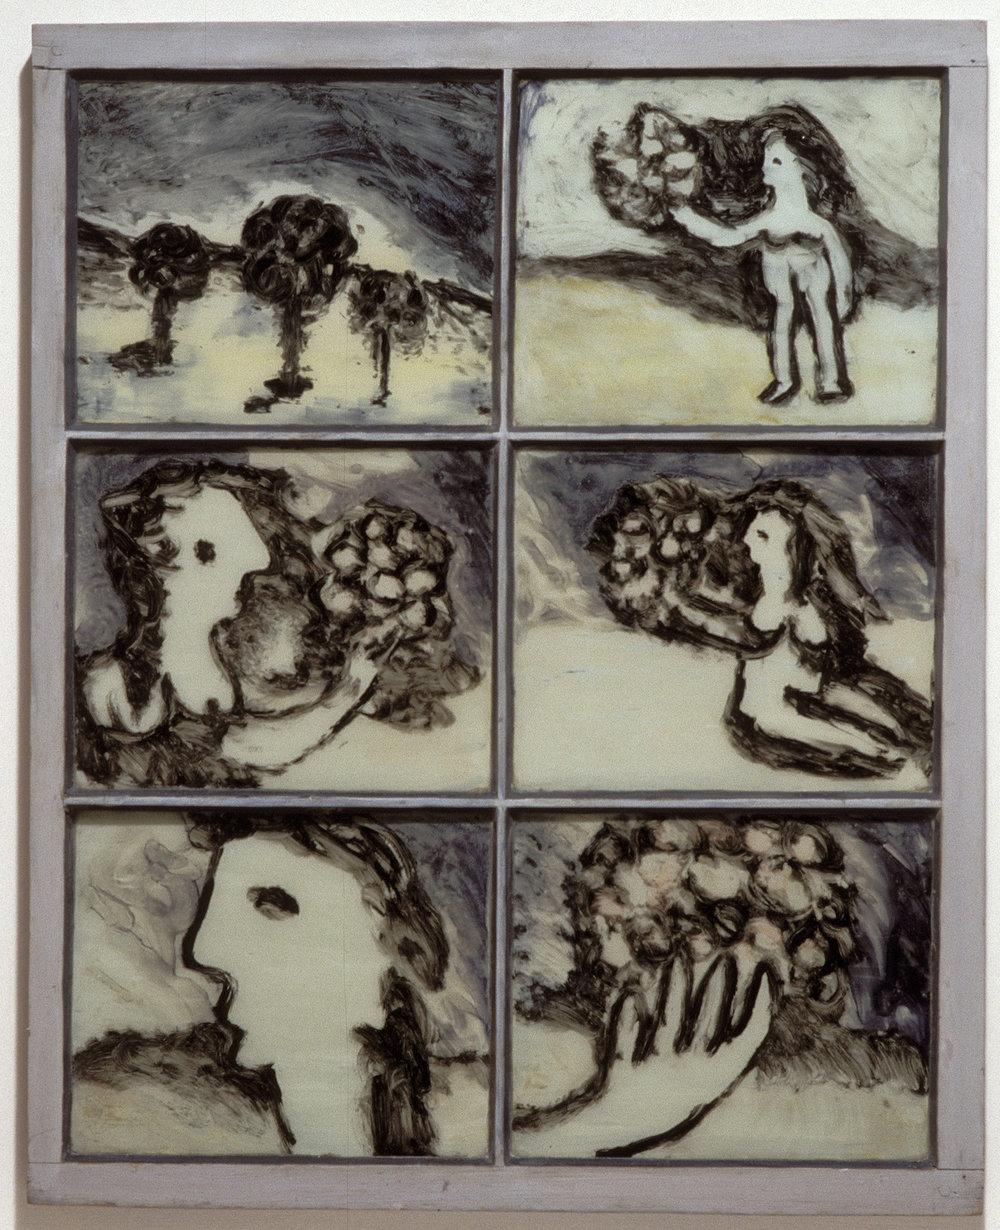 Sidney Nolan  Window: Girl and Flowers  1942 enamel on glass window 85 x 67.5 cm Heide Museum of Modern Art, Melbourne Bequest of Barrett Reid 2000 © Sidney Nolan Trust